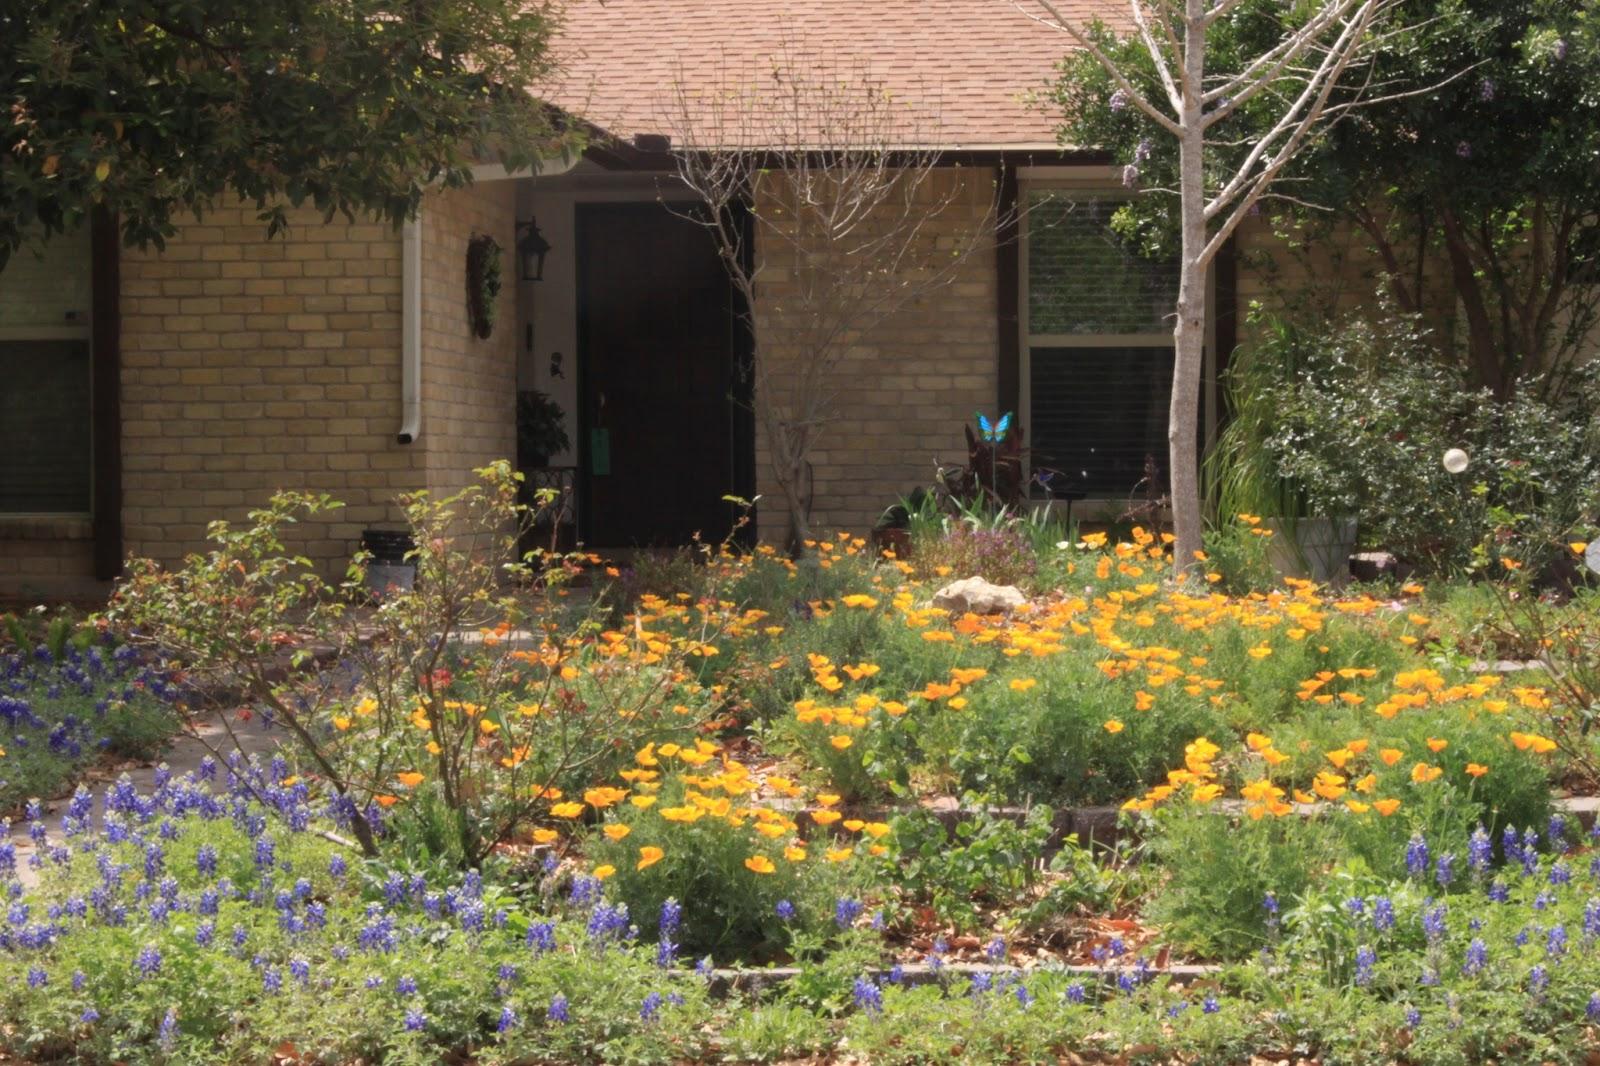 Rock-Oak-Deer: Scene on the street: Bluebonnets and poppies in ...